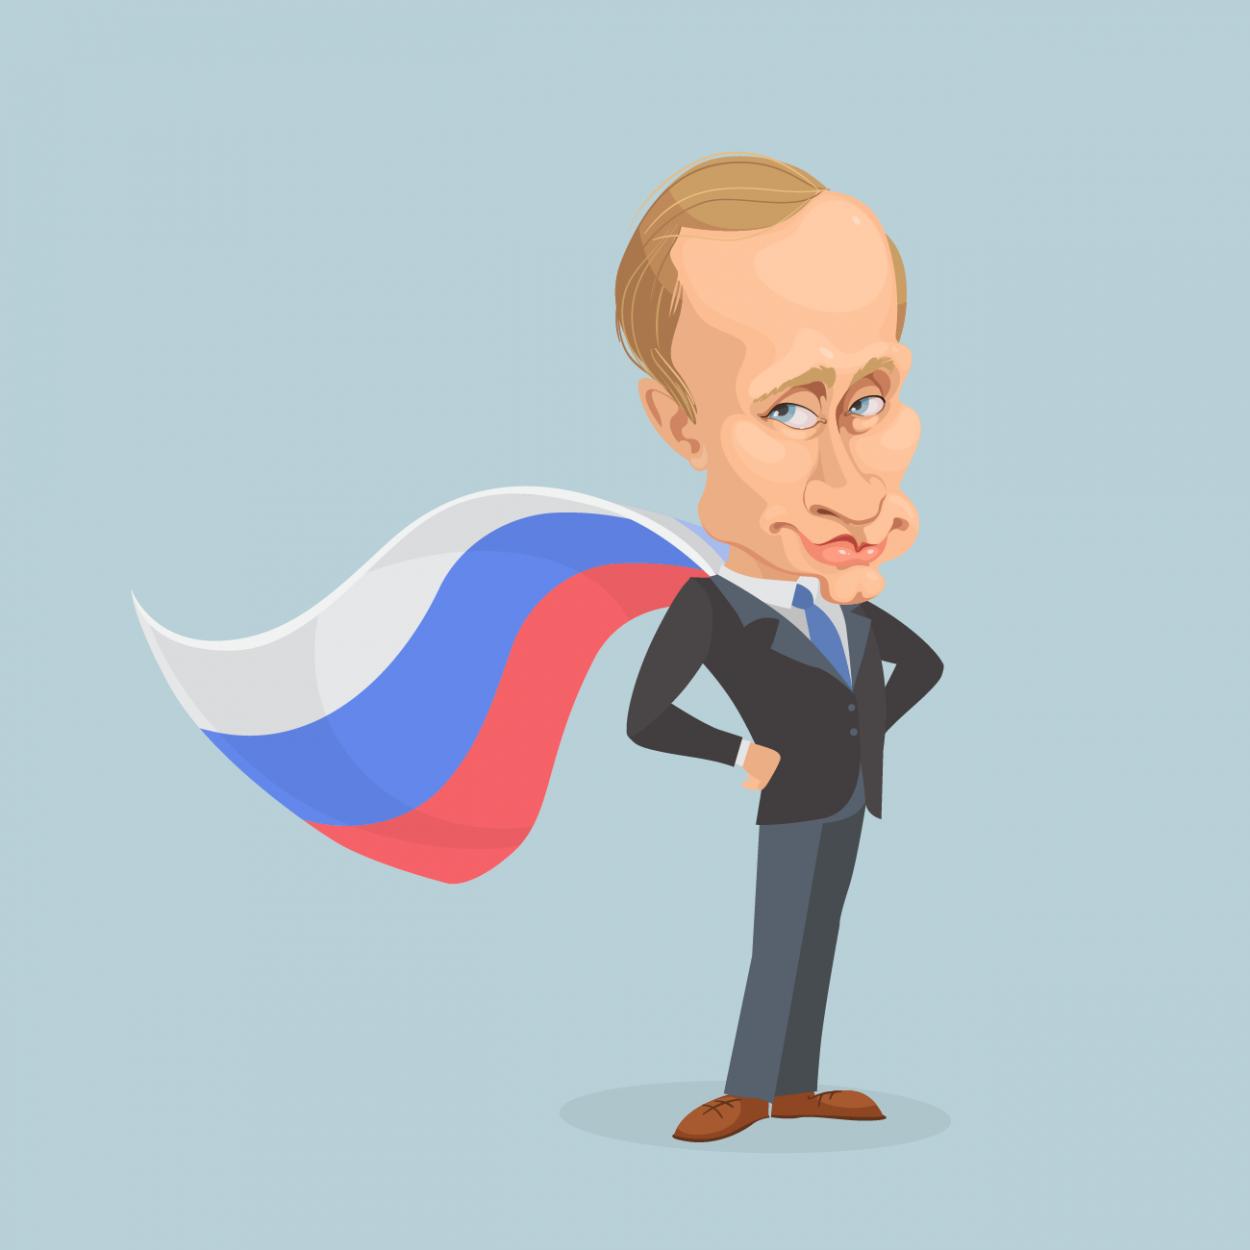 Иллюстрация к анекдоту про помощь Путина Джорджу Бушу